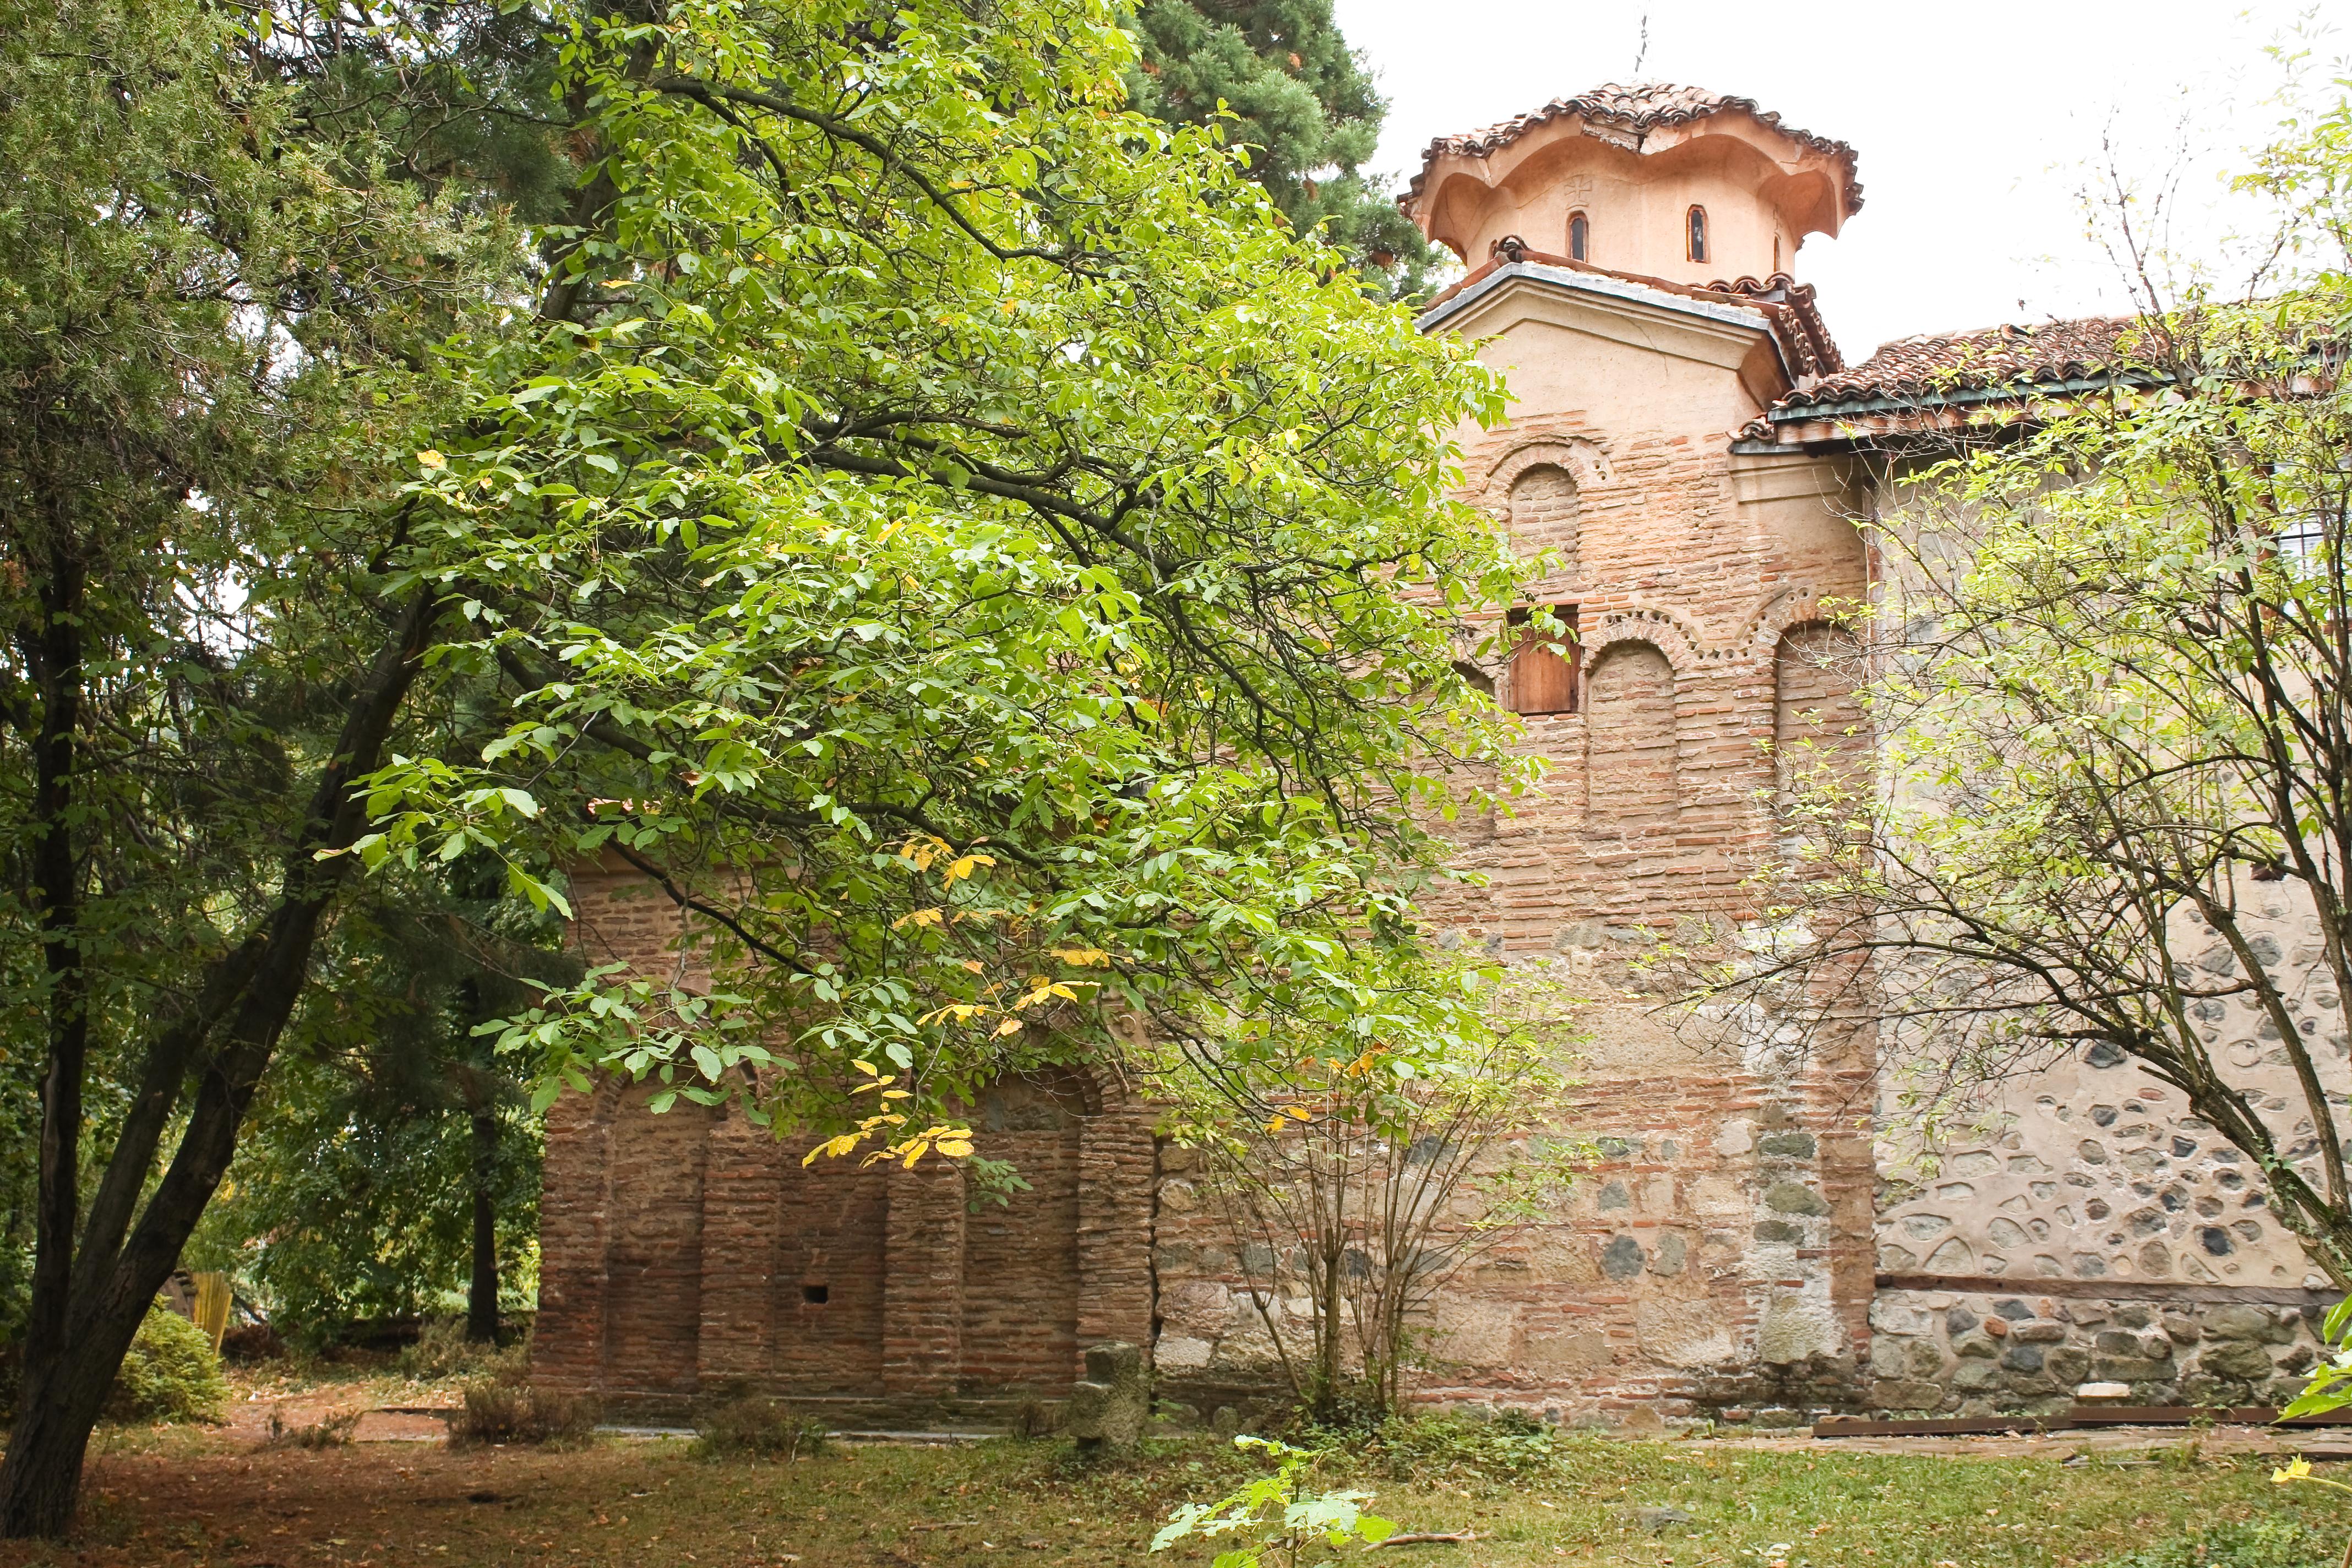 La herencia cultural del siglo XIII nos lega la Iglesia de Boyana San Pantaleón - Bulgaria Circuito Bulgaria Artística